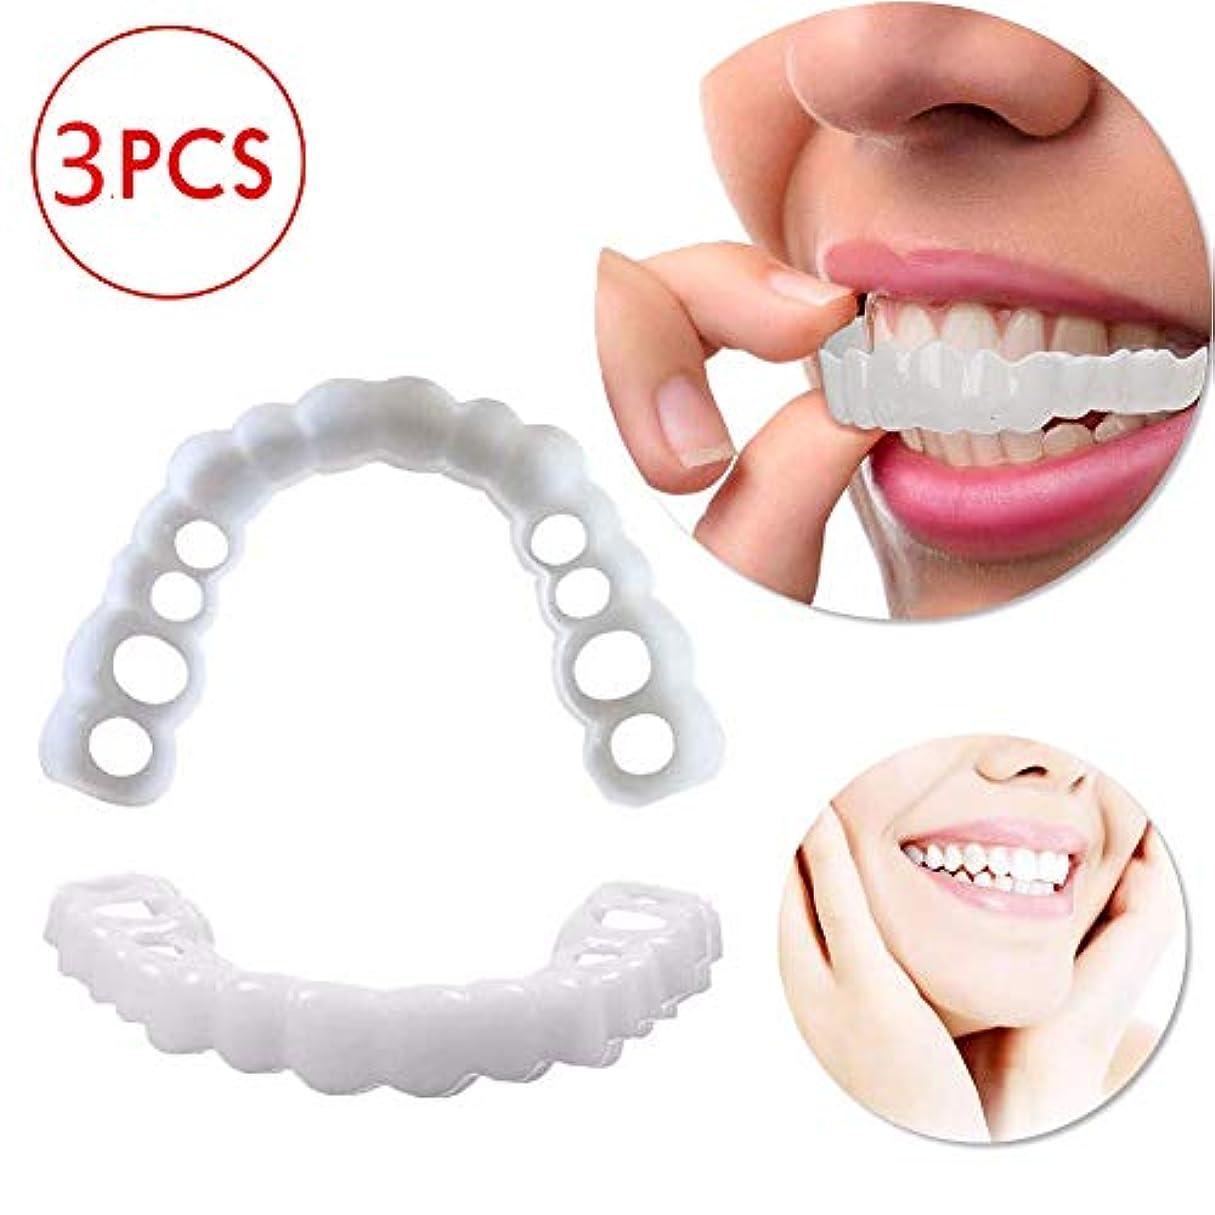 そばにストライククリーナー3ピース一時的な歯ベニヤブレース歯化粧品ホワイトニング義歯偽歯カバー収納ボックス付き,3pcslowerteeth